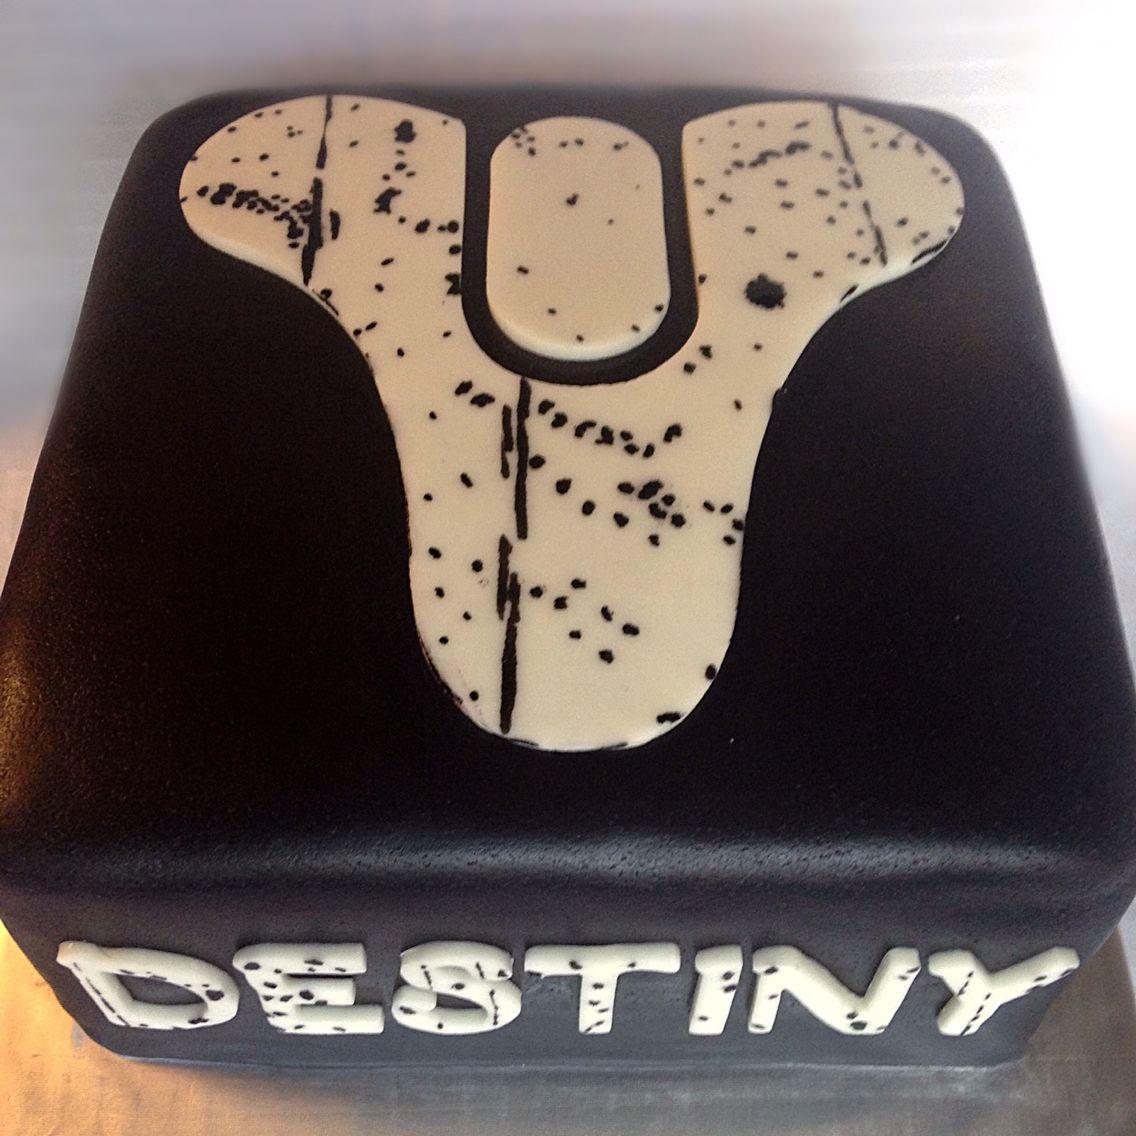 Destiny Video Game Cake